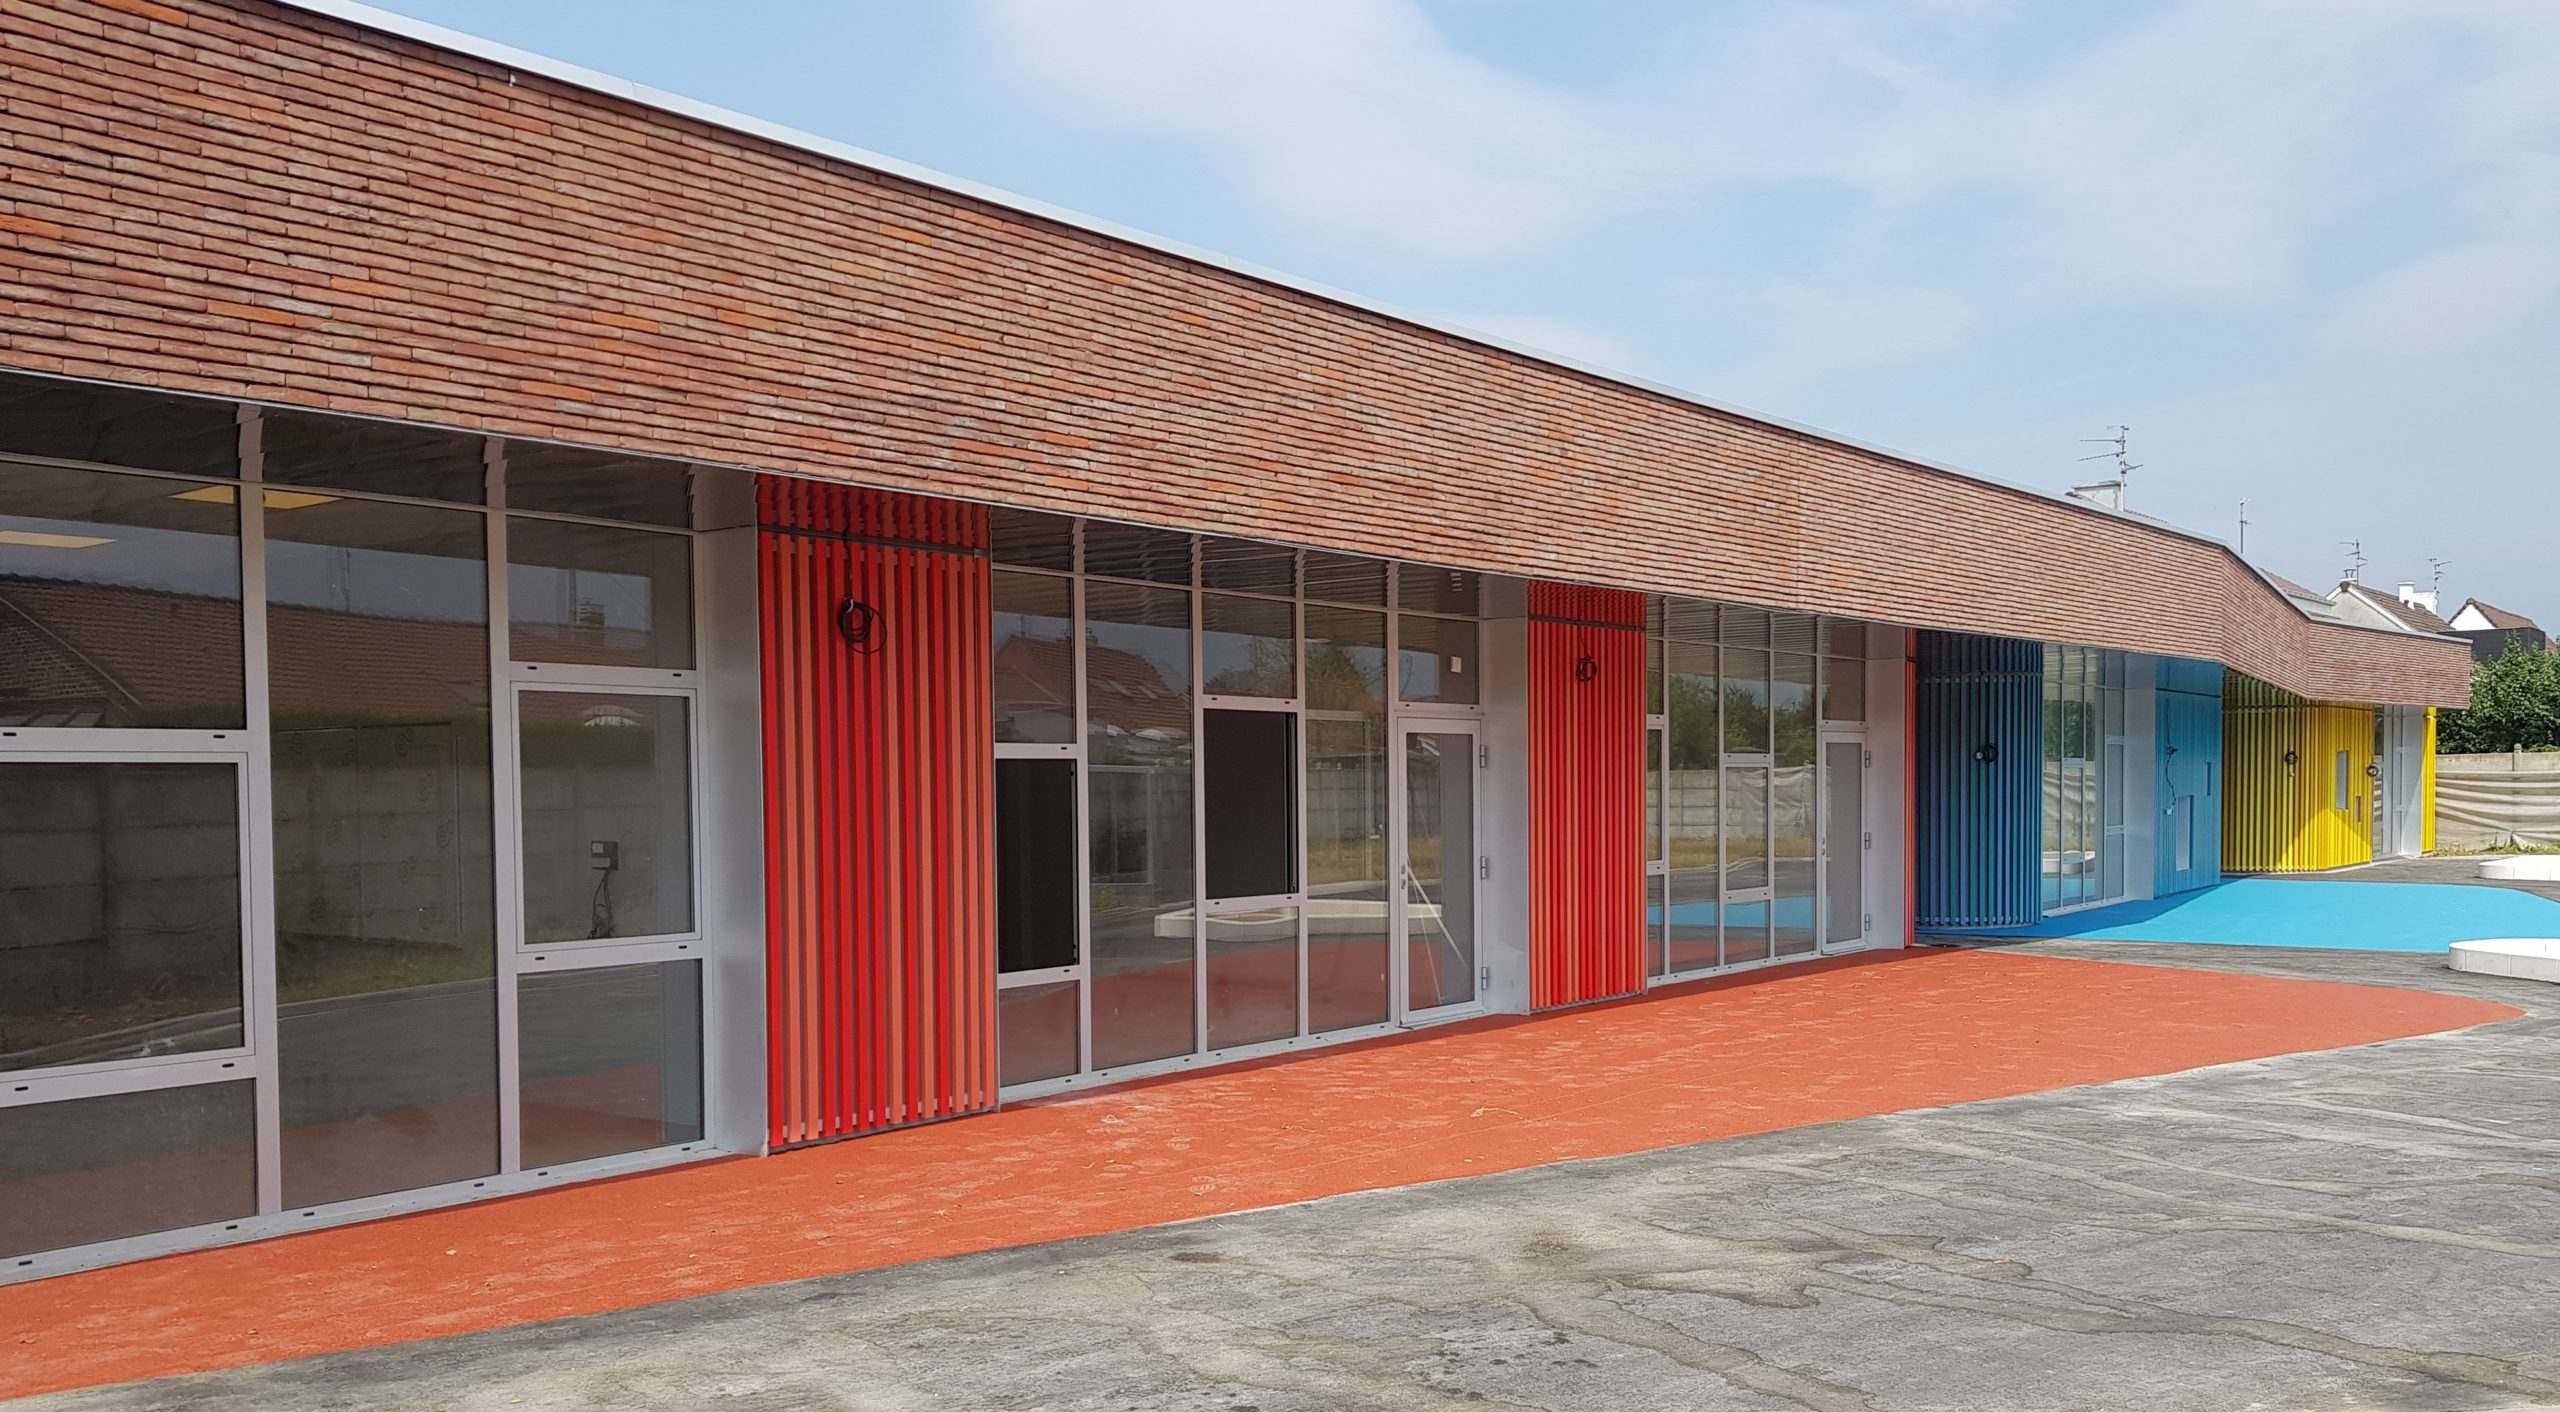 Ecole maternel henri Ghesquière Lesquin